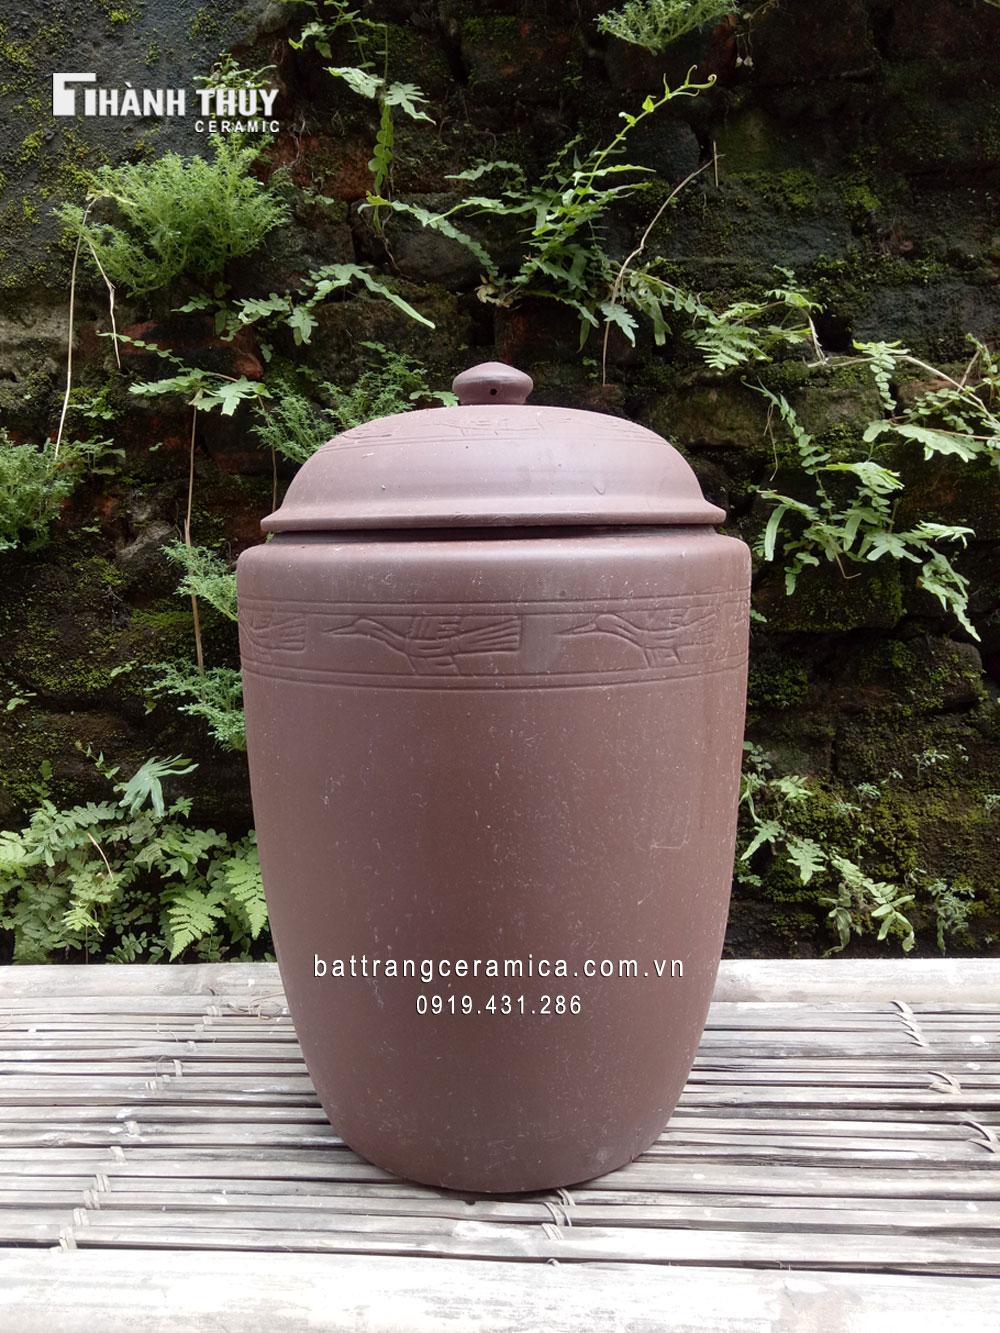 Hũ đựng gạo Bát Tràng 10 kg